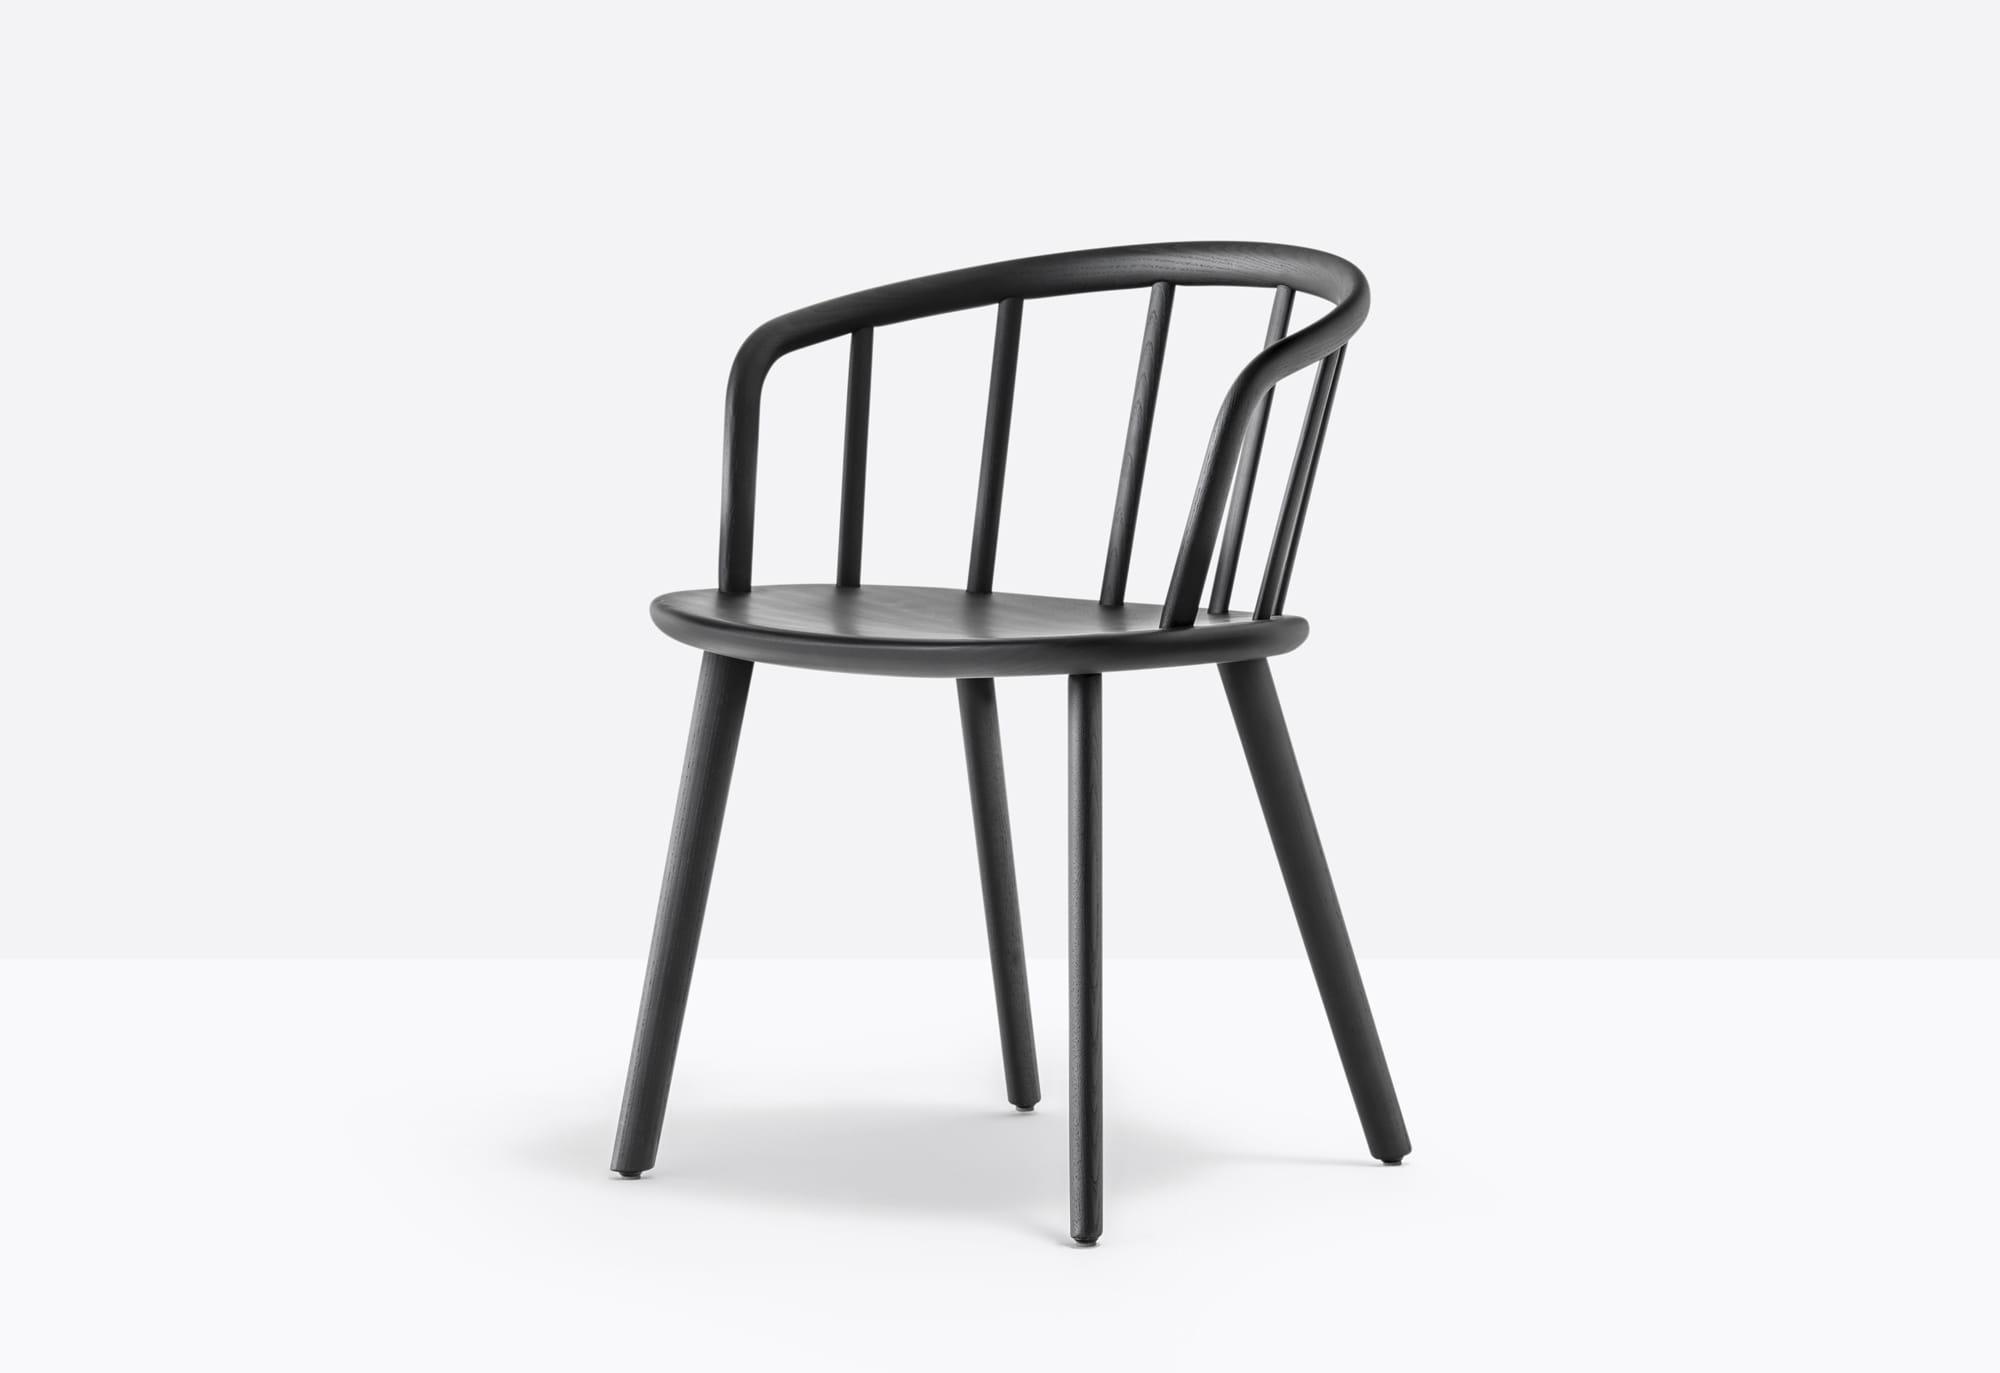 Pedrali Krzesło Nym 2835 VE2 Szmaragd